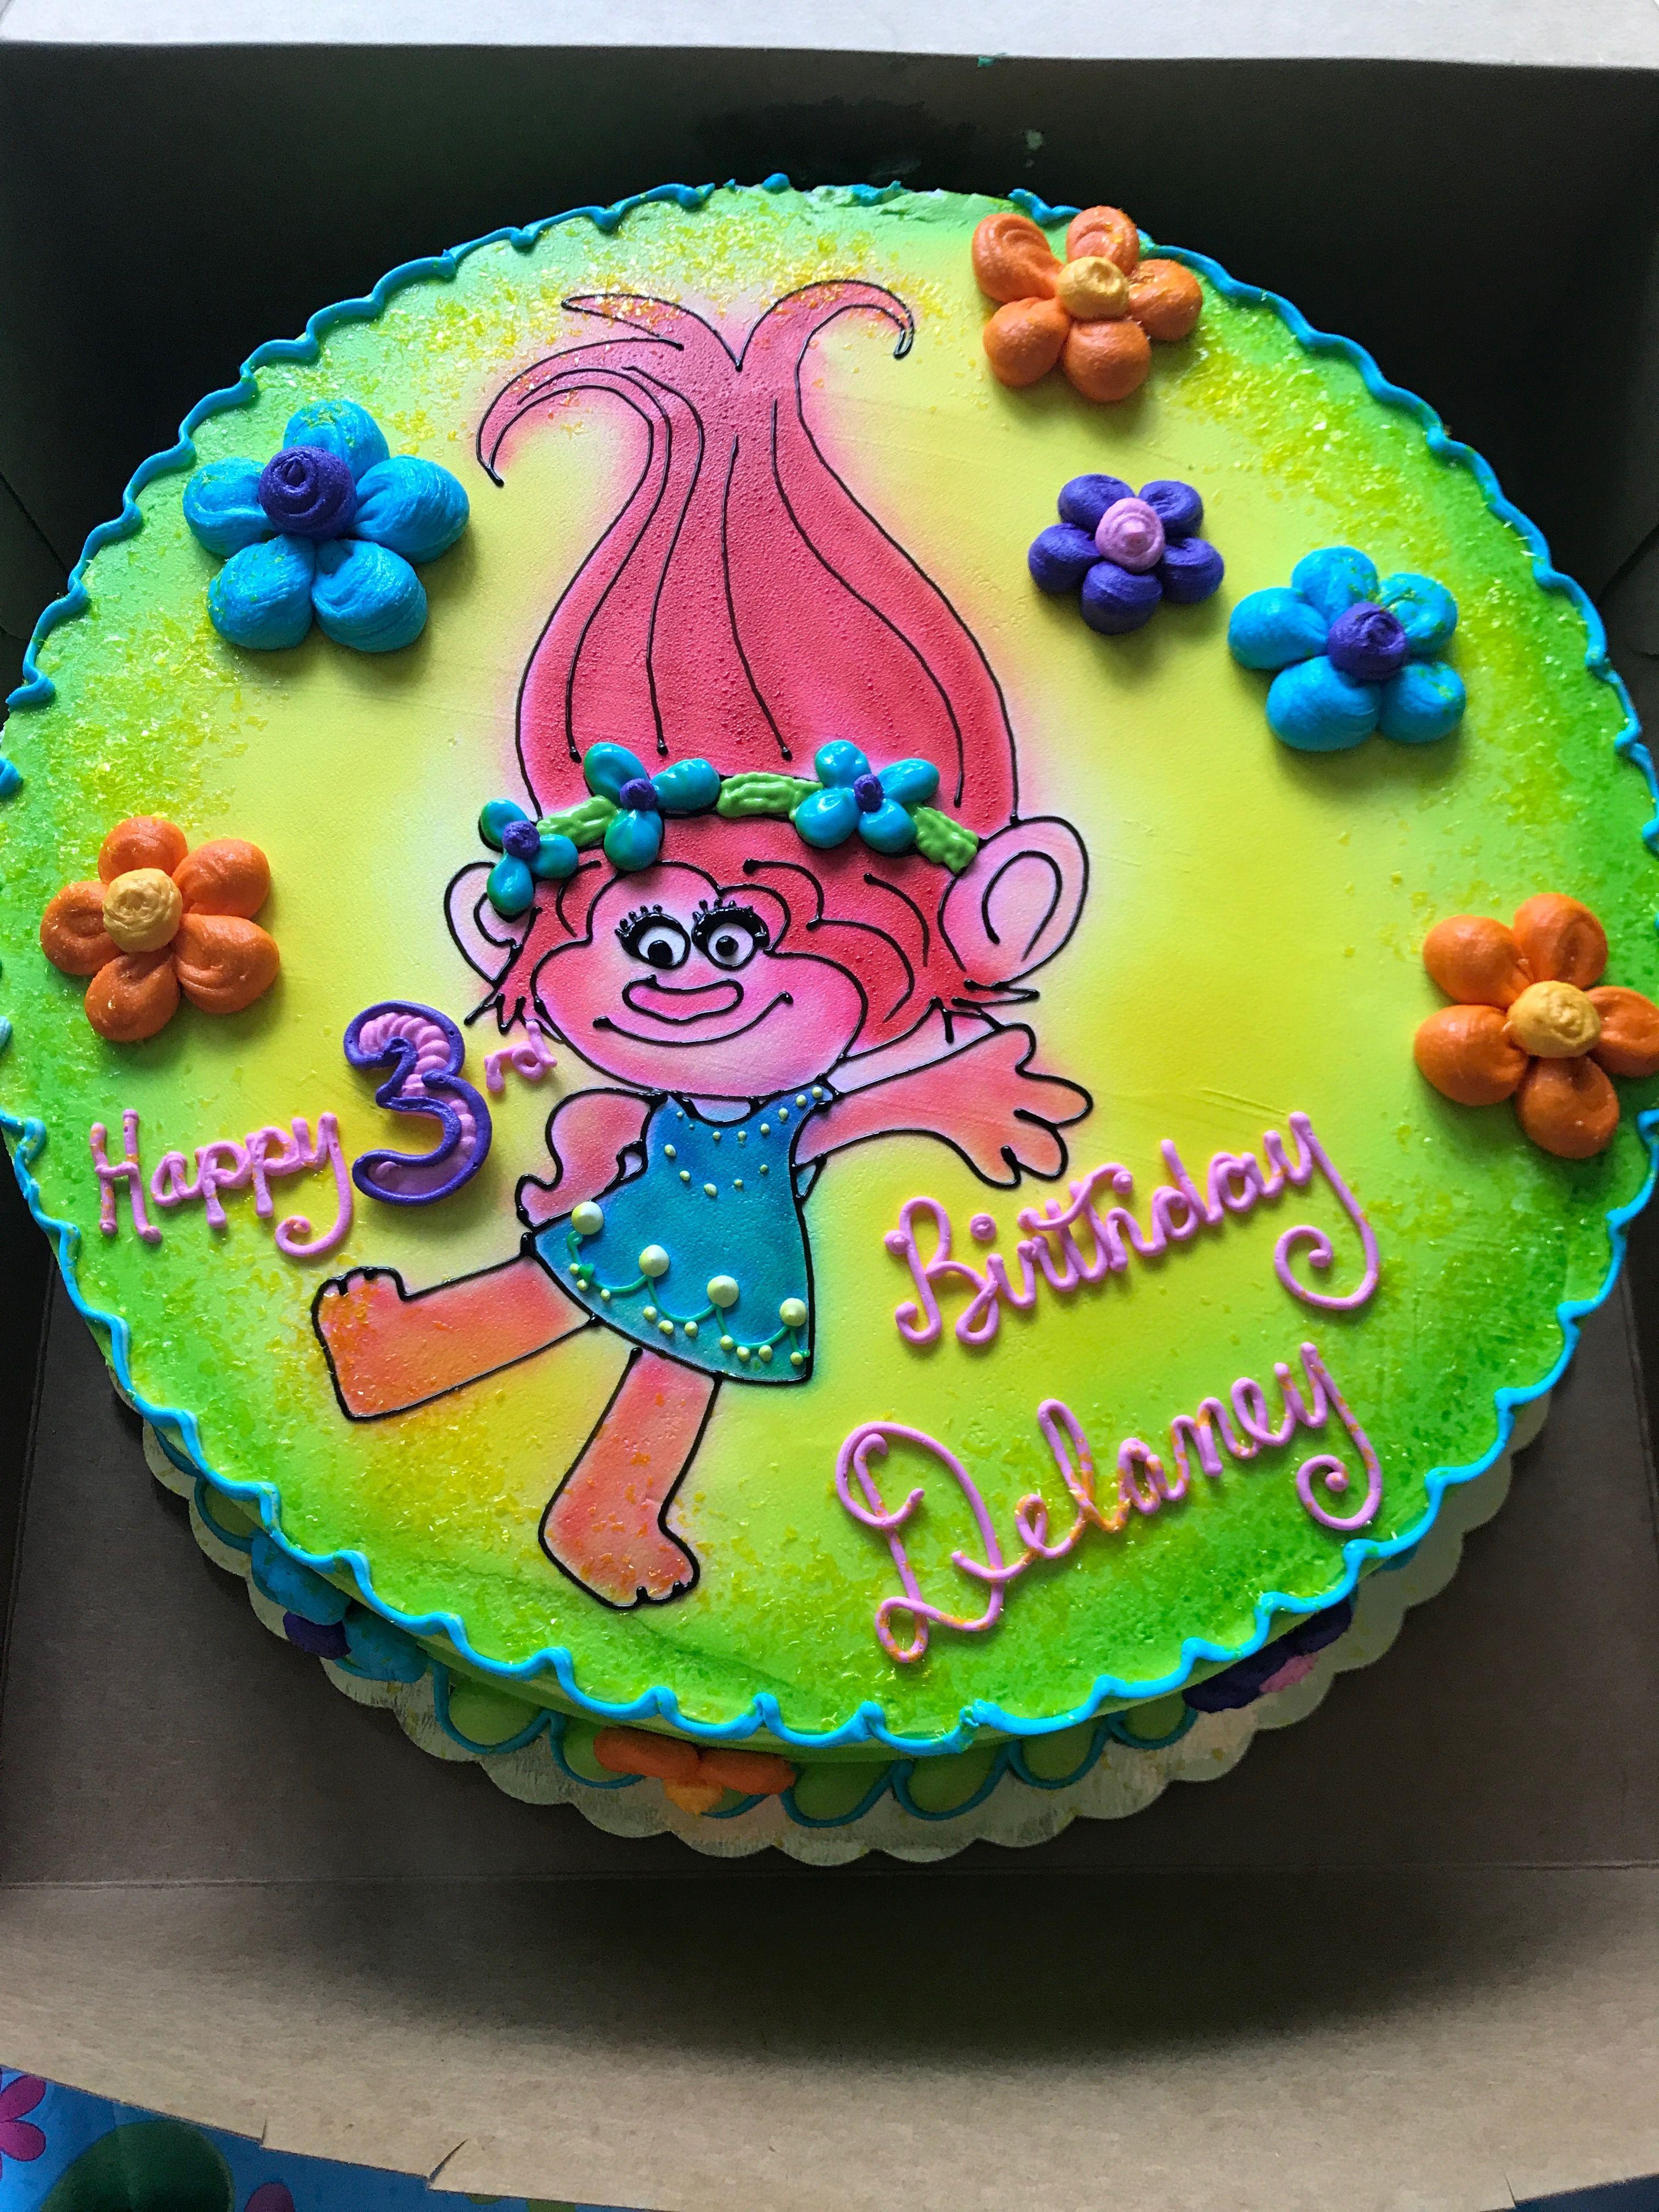 Poppy trolls birthday cake greggorys pastry shop hadley